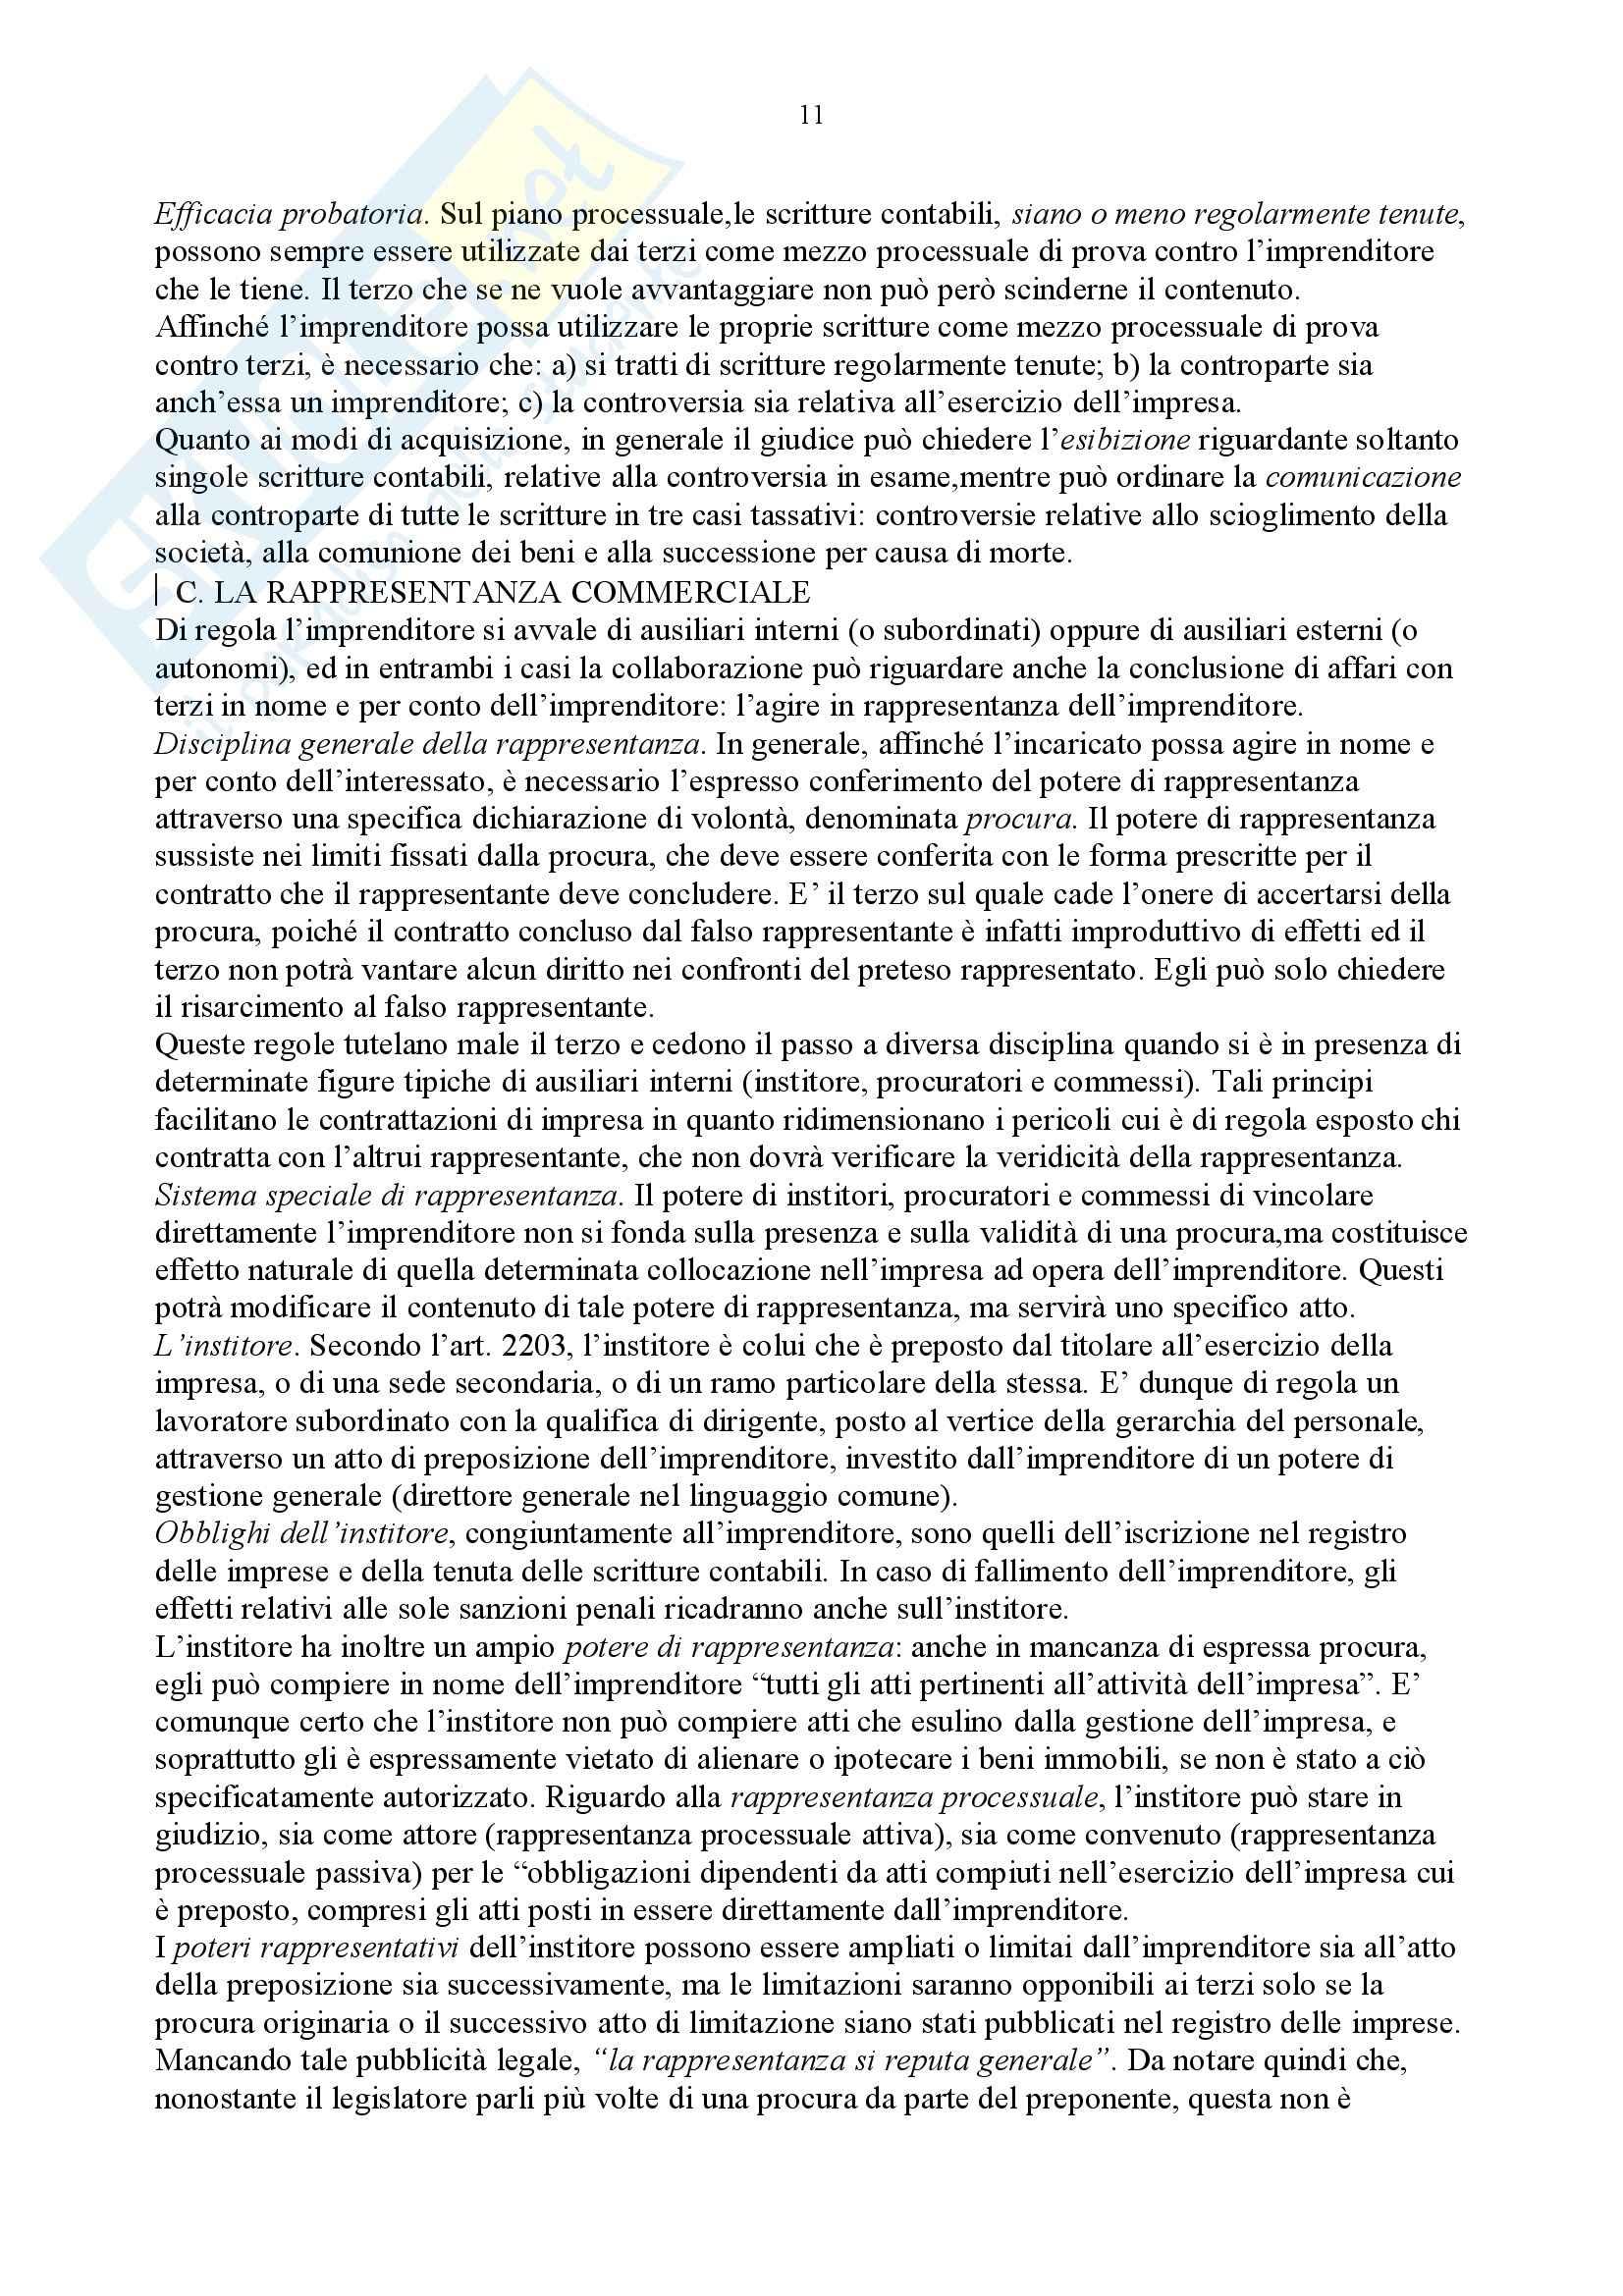 Diritto commerciale – Campobasso – Riassunto esame Pag. 11